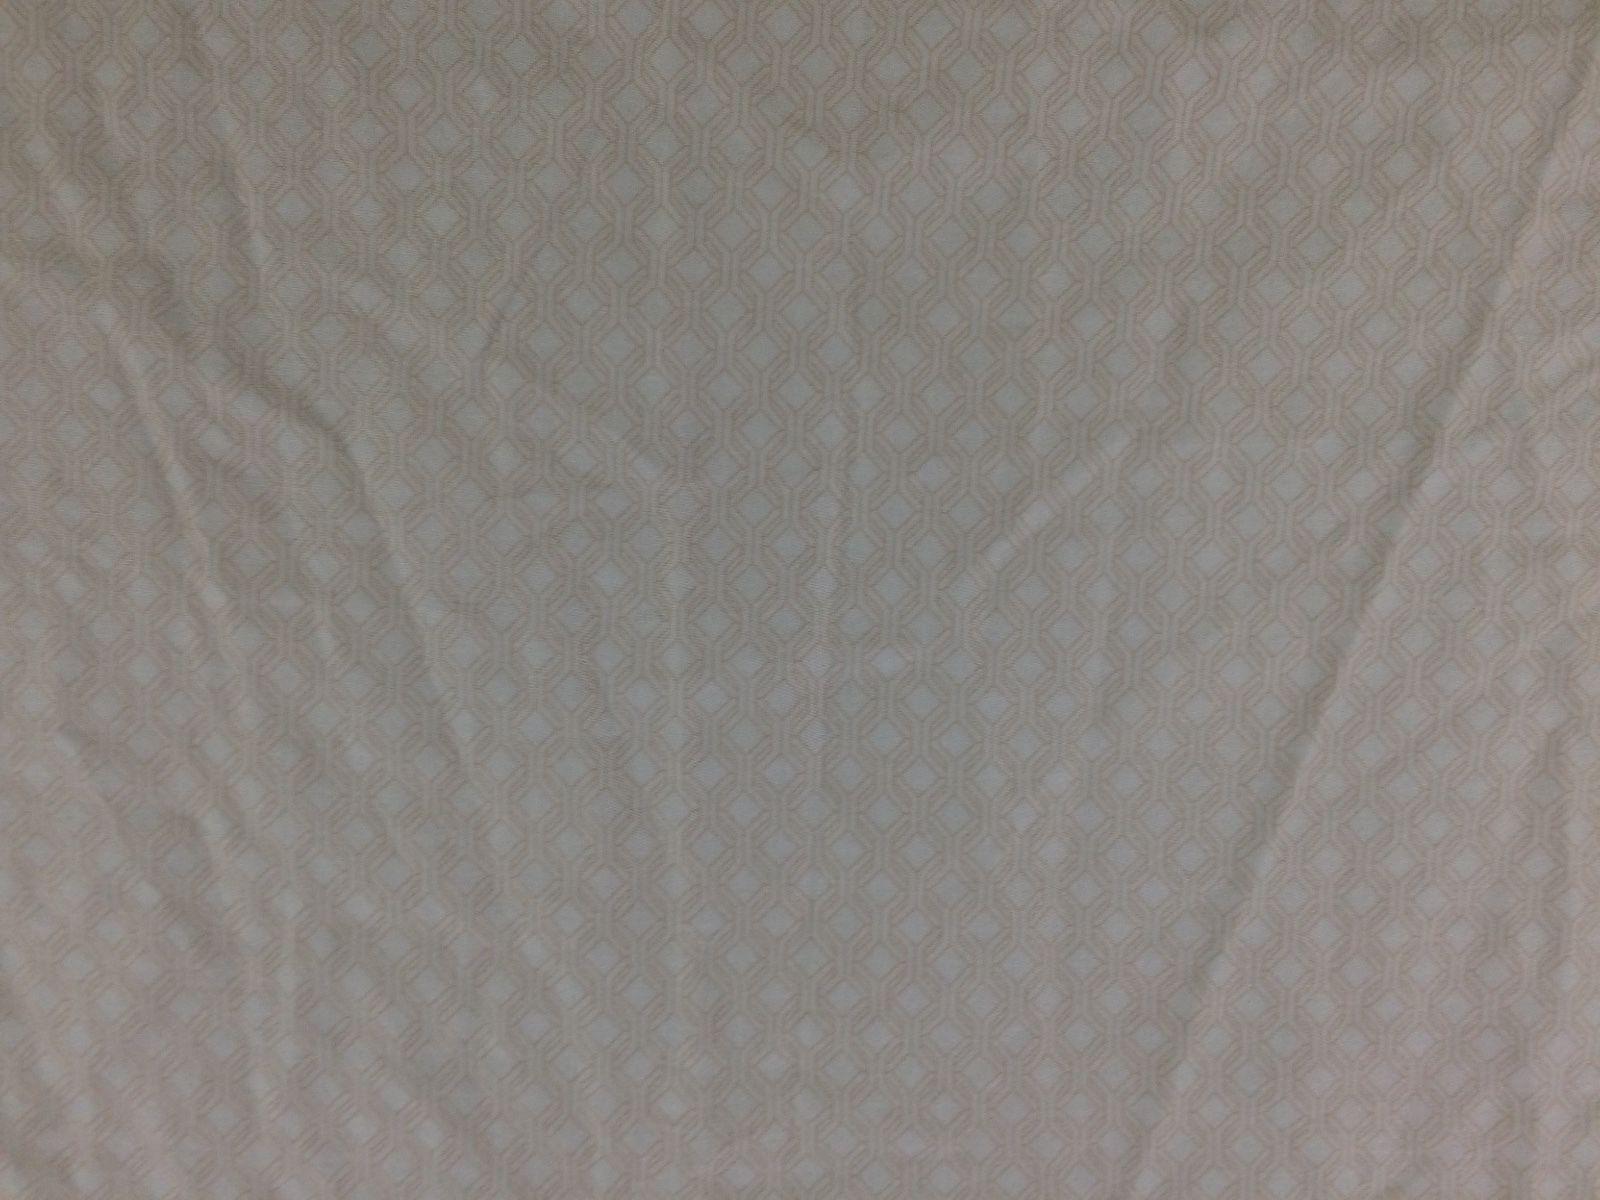 Fieldcrest Luxury Sheets | Fieldcrest Charisma Sheets | Target Egyptian Cotton Sheets